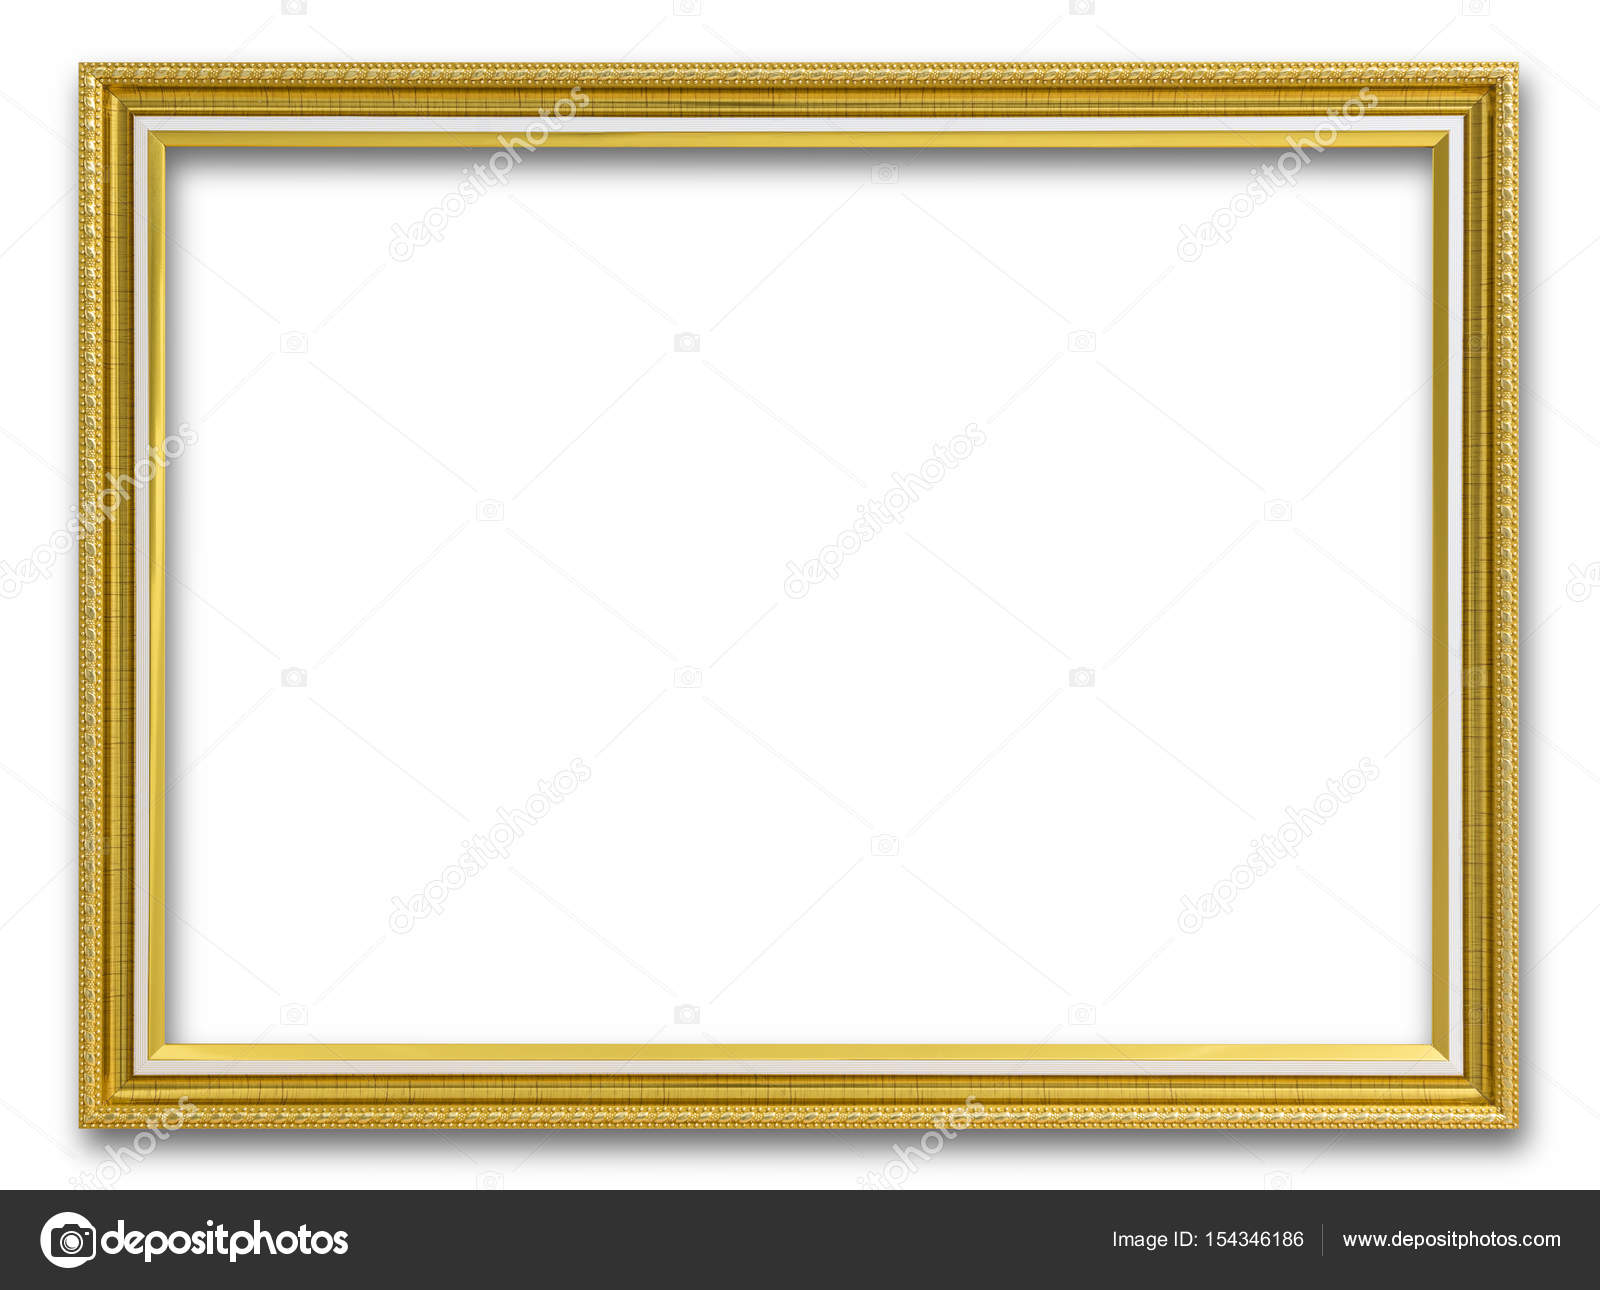 Marco de oro para la pintura o imagen en fondo blanco — Foto de ...